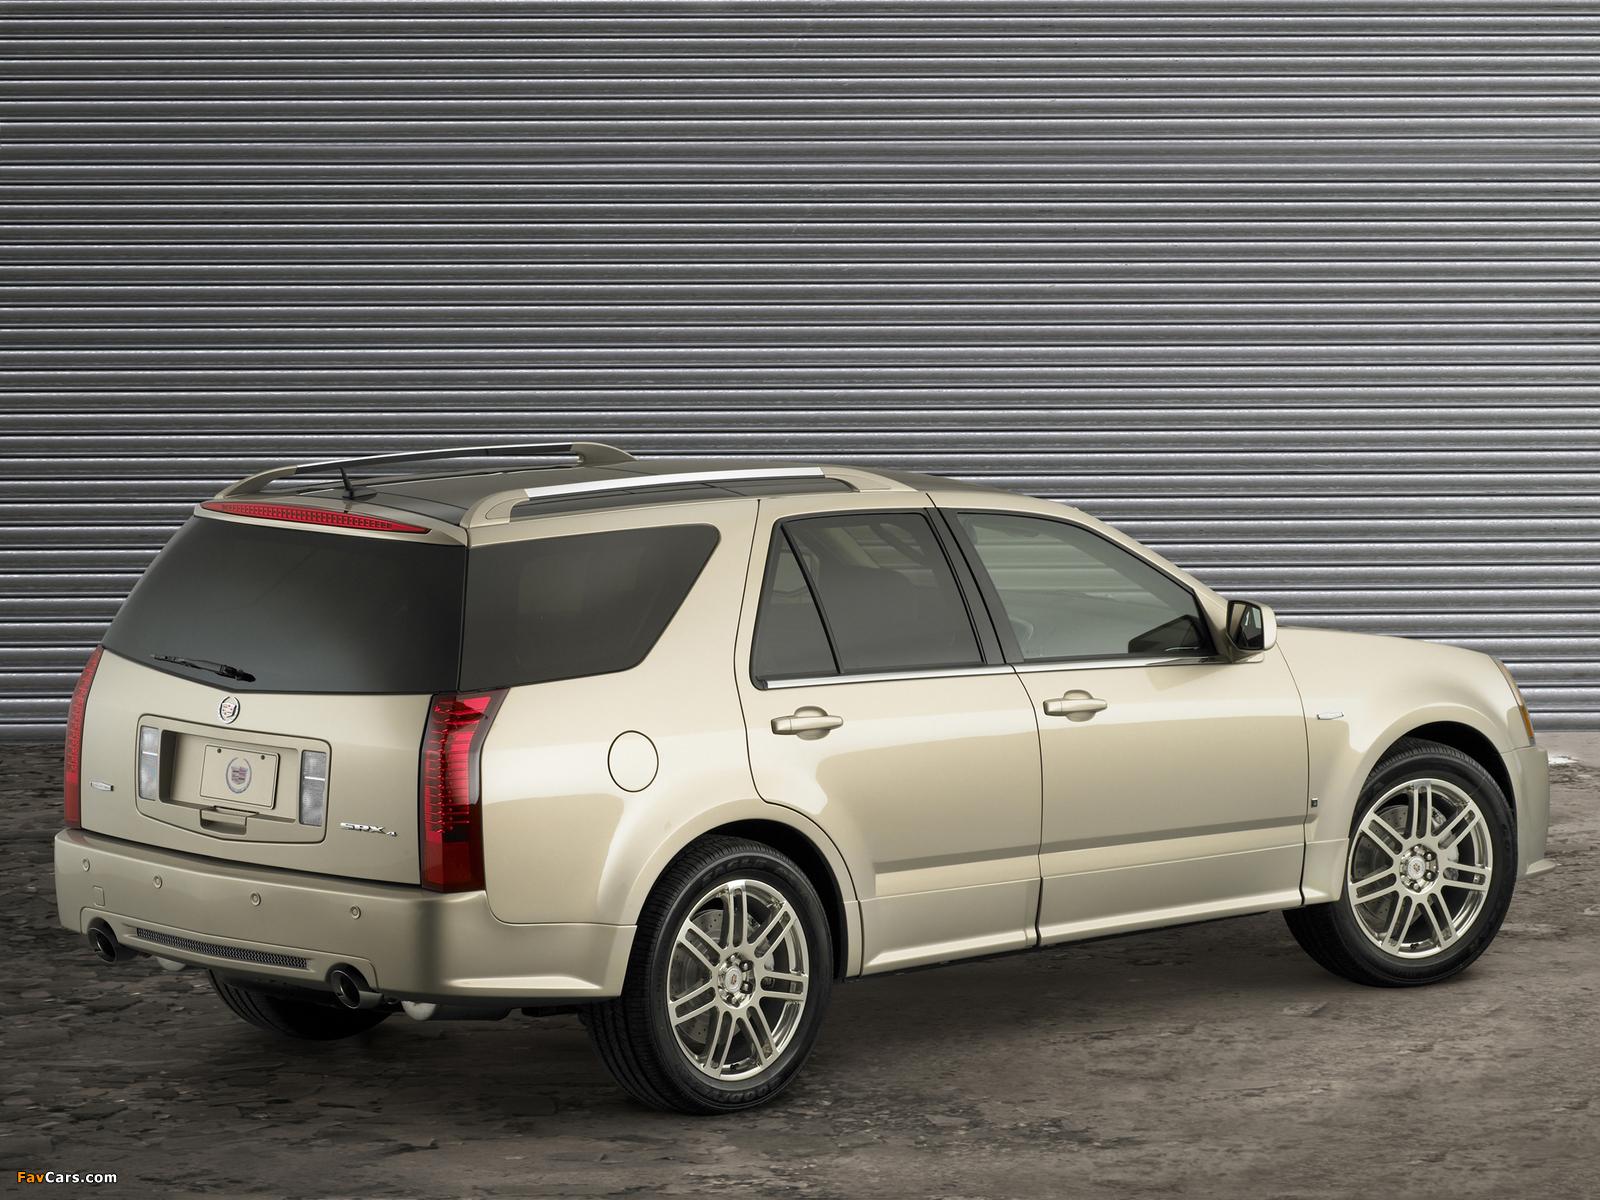 Cadillac SRX Sport by Dana Buchman 2006 pictures (1600 x 1200)